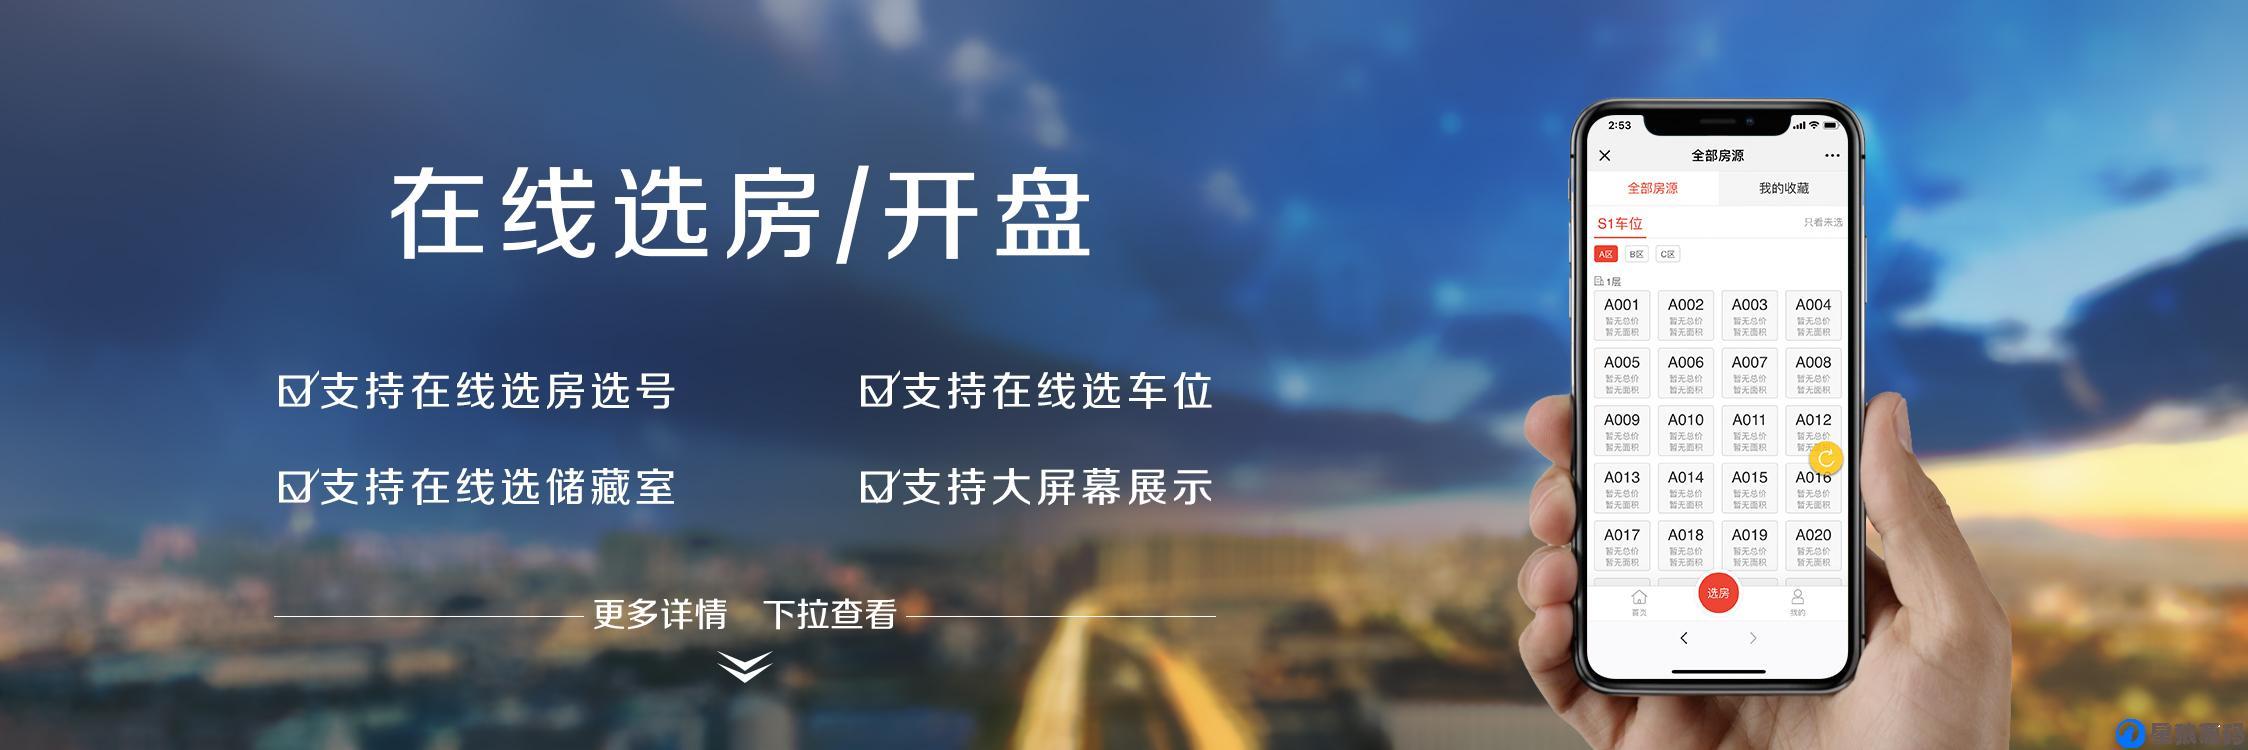 在线开盘微信选房抢车位V3.0.0最新原版可运营(星狼已测试) 第1张